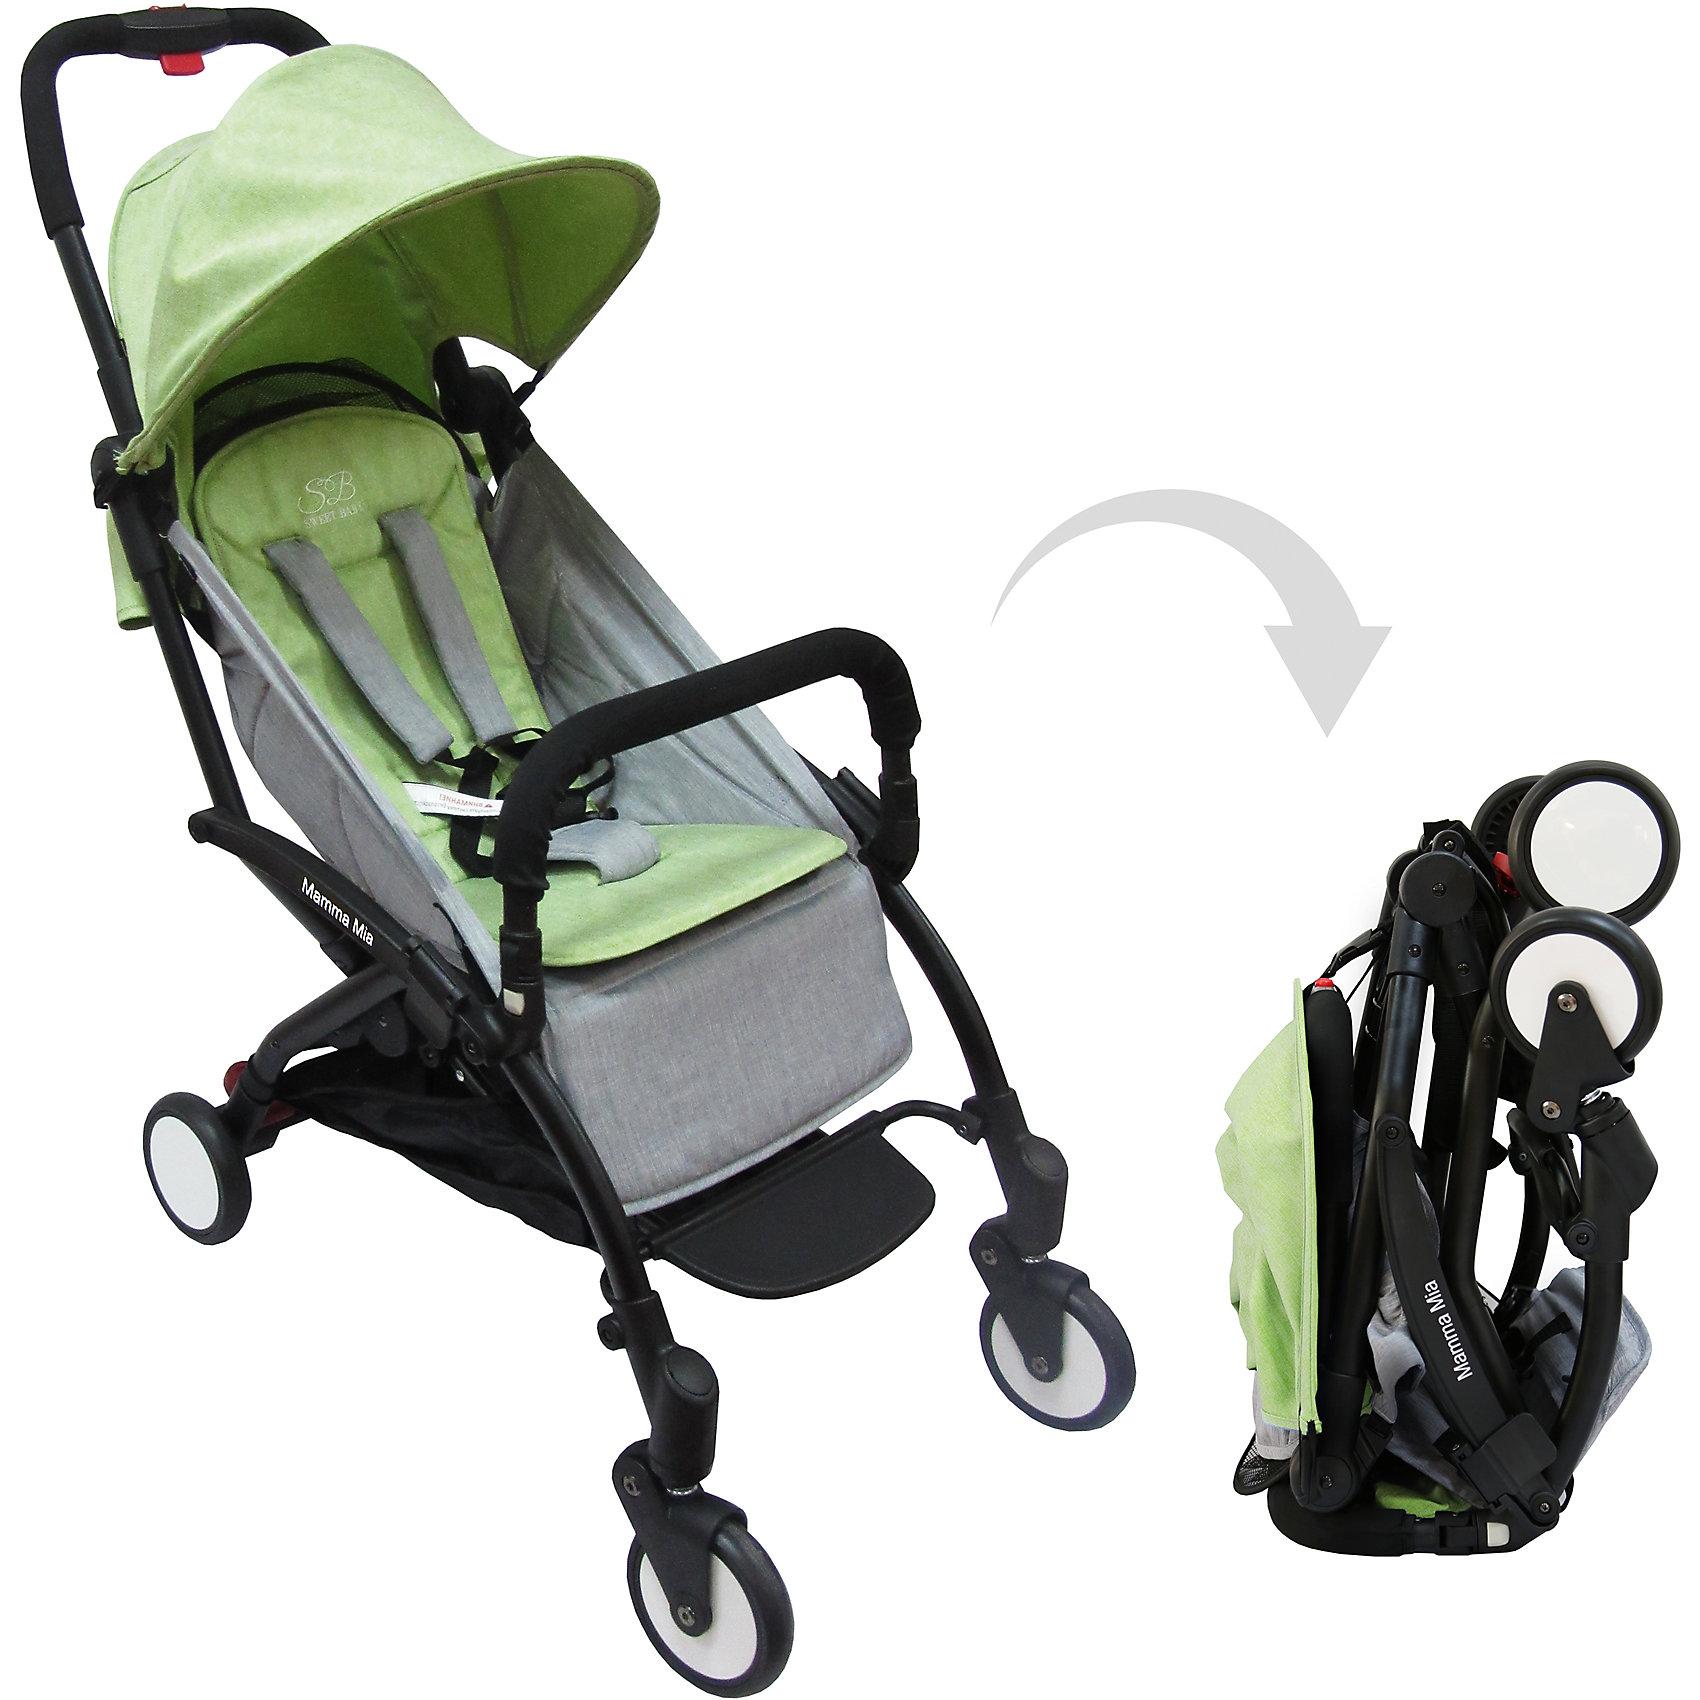 Прогулочная коляска Sweet Baby Mamma Mia Linen Miami, зеленаяПрогулочные коляски<br>Характеристики товара:<br><br>• цвет: Linen Miami, зеленый<br>• алюминиевая рама.<br>• регулируемая ремешком спинка коляски, угол наклона 165 градусов<br>• на сиденье со спинкой находится съемный матрасик с прорезями для ремней<br>• защитный съемный бампер перед ребенком<br>• пластиковая подножка для подросшего ребенка<br>• капюшон со смотровым окошком<br>• цельная ручка коляски с накладкой<br>• полиуретановые колеса<br>• передние поворотные (без блокировки)<br>• пружинная амортизация на передних колесах<br>• тип тормоза: ножной, на одном из задних колес<br>• механизм складывания: книжка<br>• коляска складывается одной рукой вместе с прогулочным блоком<br>• имеется ремень для переноски коляски на плече<br><br>Размер коляски: 67х45х103 см<br>Размер коляски в сложенном виде: 20х43х57 см<br>Вес коляски: 5,8 кг<br>Размер упаковки: 95х46х97 см<br>Вес в упаковке: 7,7 кг<br><br>Прогулочная коляска Mamma Mia бренда Sweet Baby имеет небольшой вес и компактный размер, что идеально для родителей, путешествующих с ребенком. В сложенном виде она очень компактна и без труда влезет в багажник или на полку самолета.<br><br>Прогулочную коляску Mamma Mia Linen Miami, Sweet Baby, зеленую можно купить в нашем интернет-магазине.<br><br>Ширина мм: 950<br>Глубина мм: 460<br>Высота мм: 970<br>Вес г: 7770<br>Возраст от месяцев: 0<br>Возраст до месяцев: 36<br>Пол: Унисекс<br>Возраст: Детский<br>SKU: 5614394